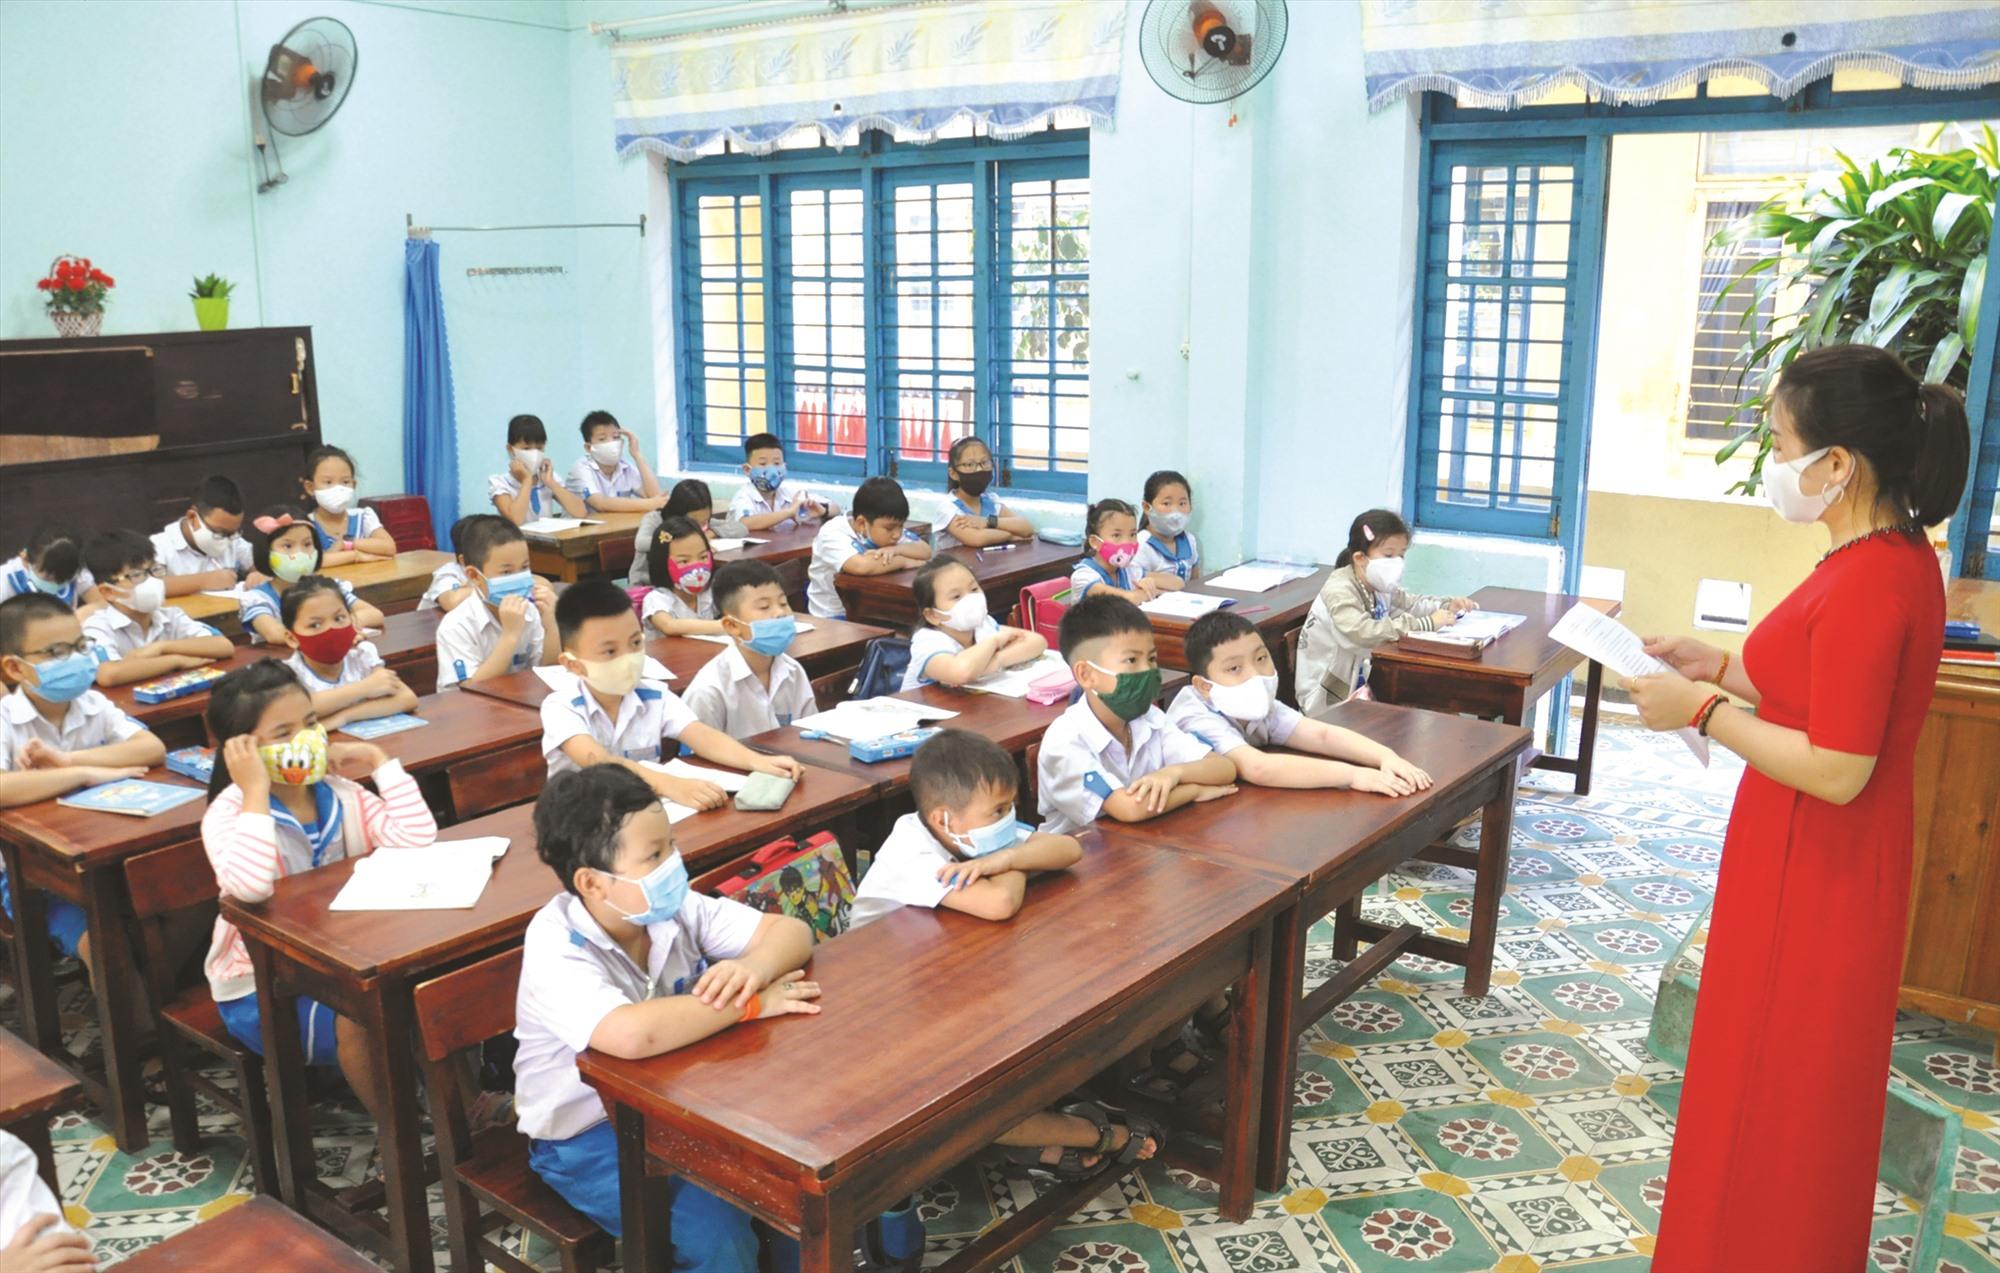 Học sinh nghiêm túc thực hiện đeo khẩu trang khi đi học trong ngày 4.5. Ảnh: X.P